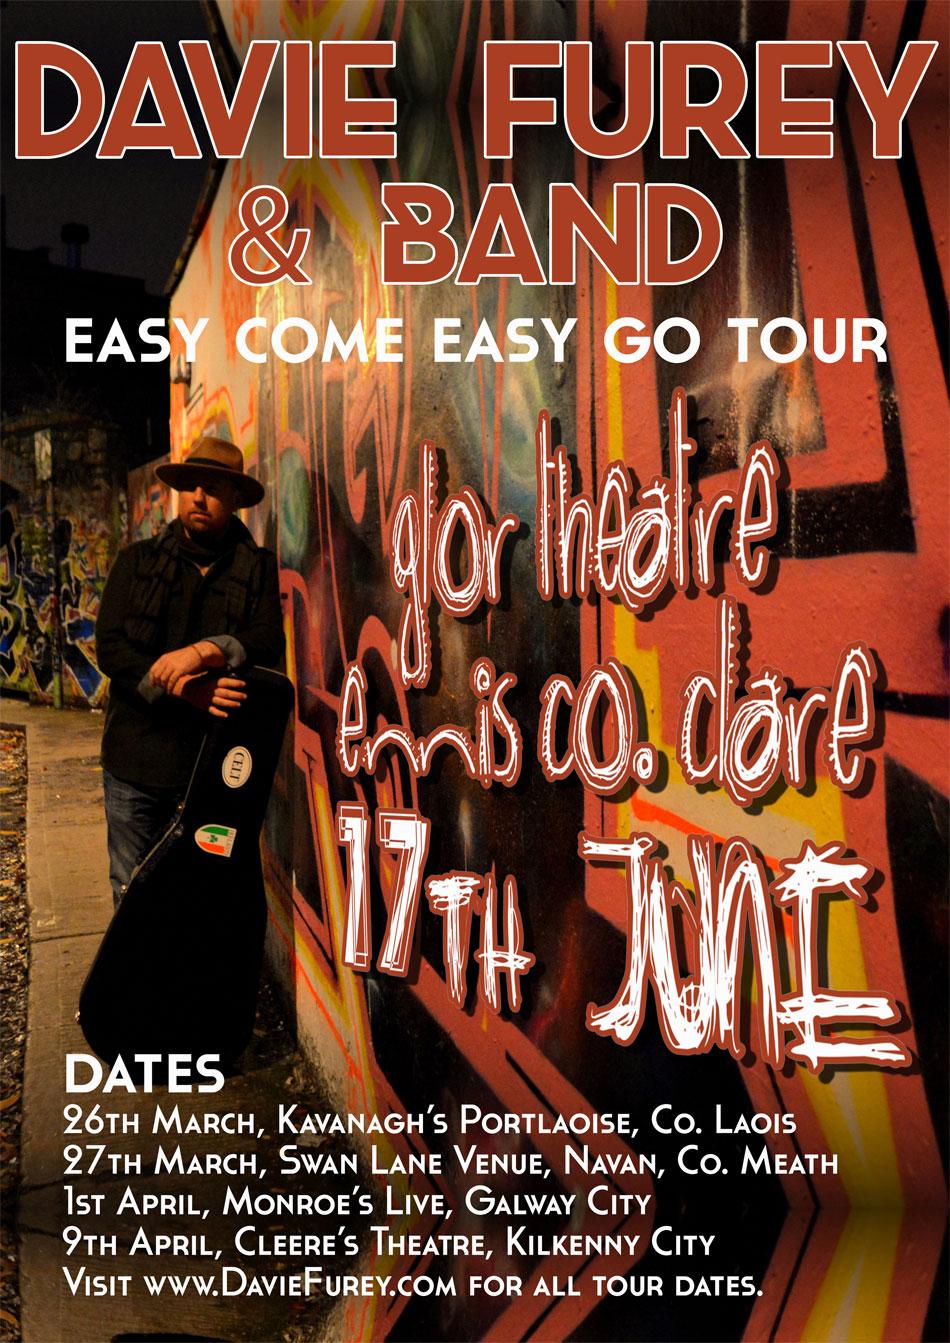 Poster Design - Davie Furey, Easy Com Easy Go Tour.